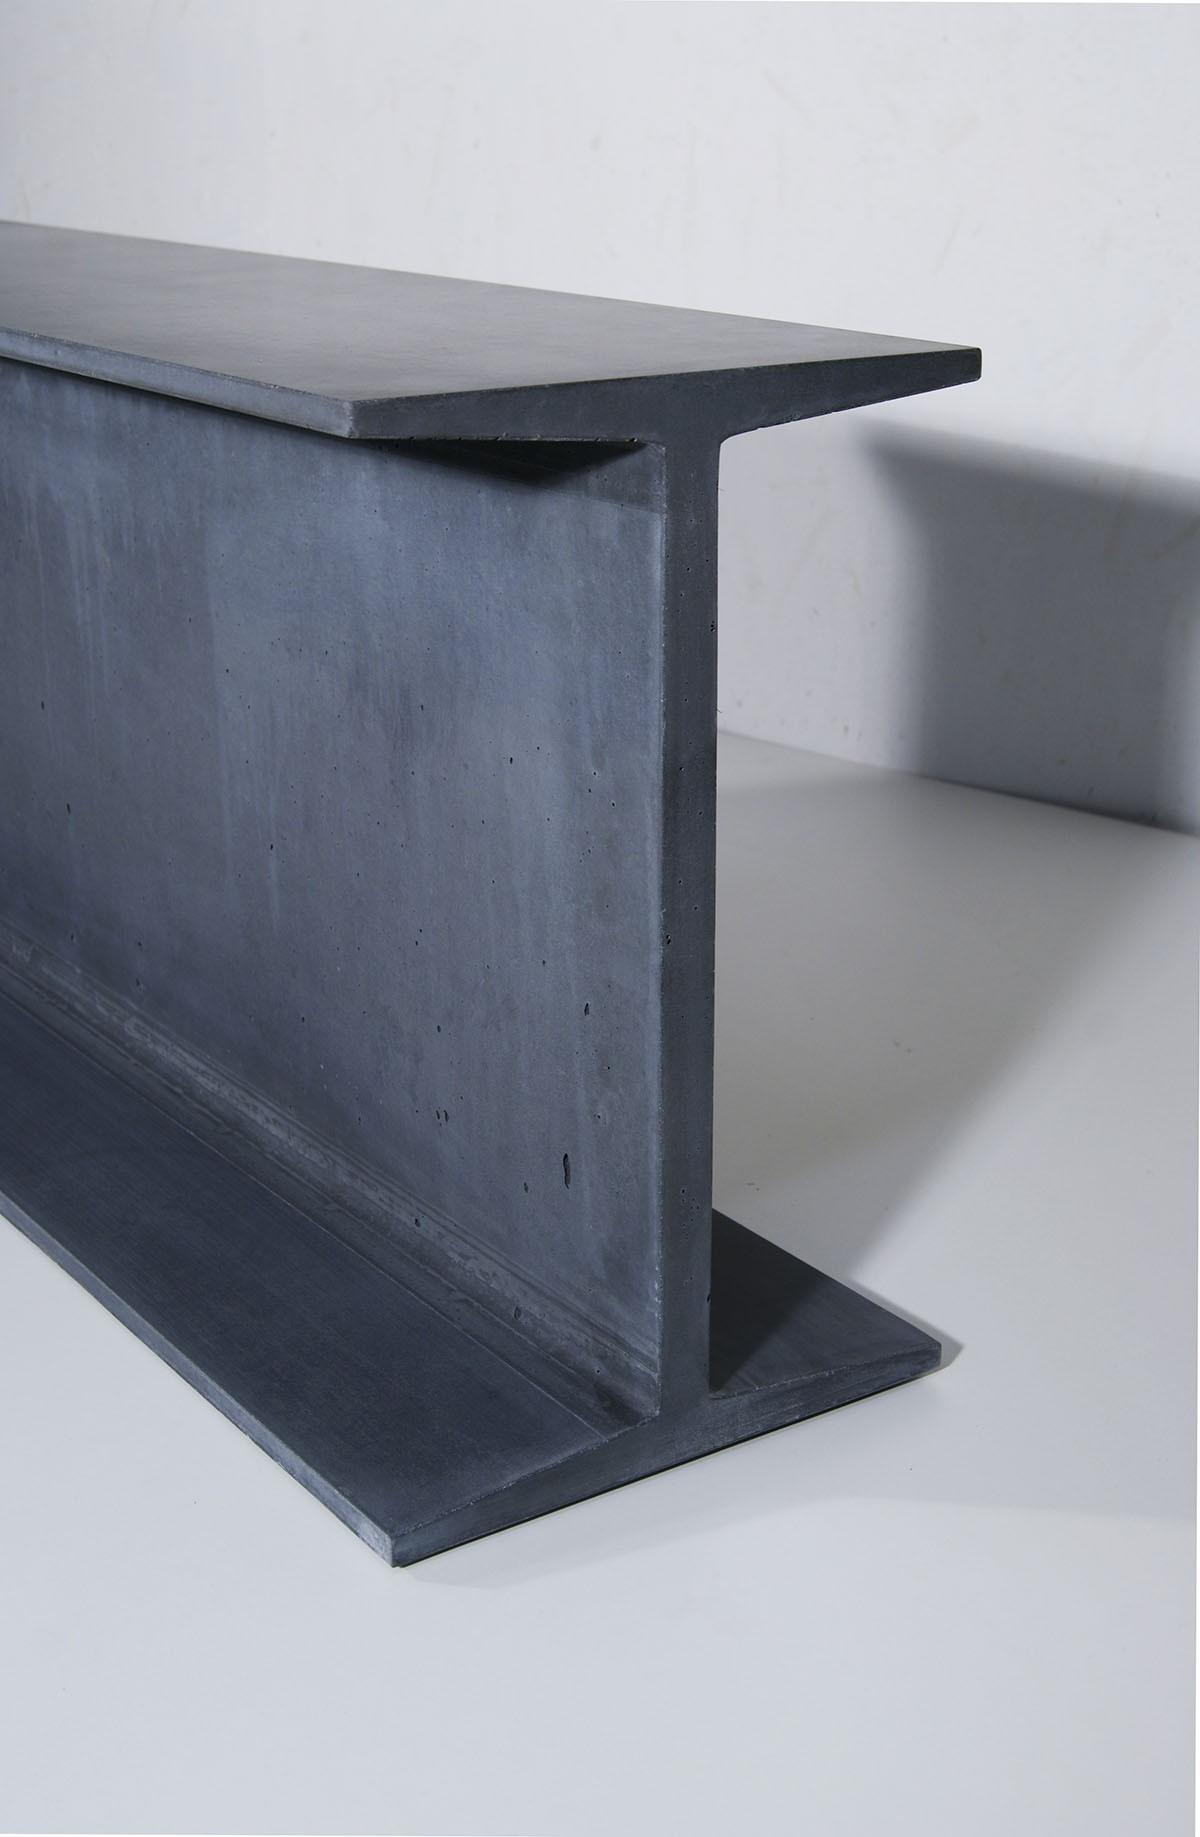 Table b IPN